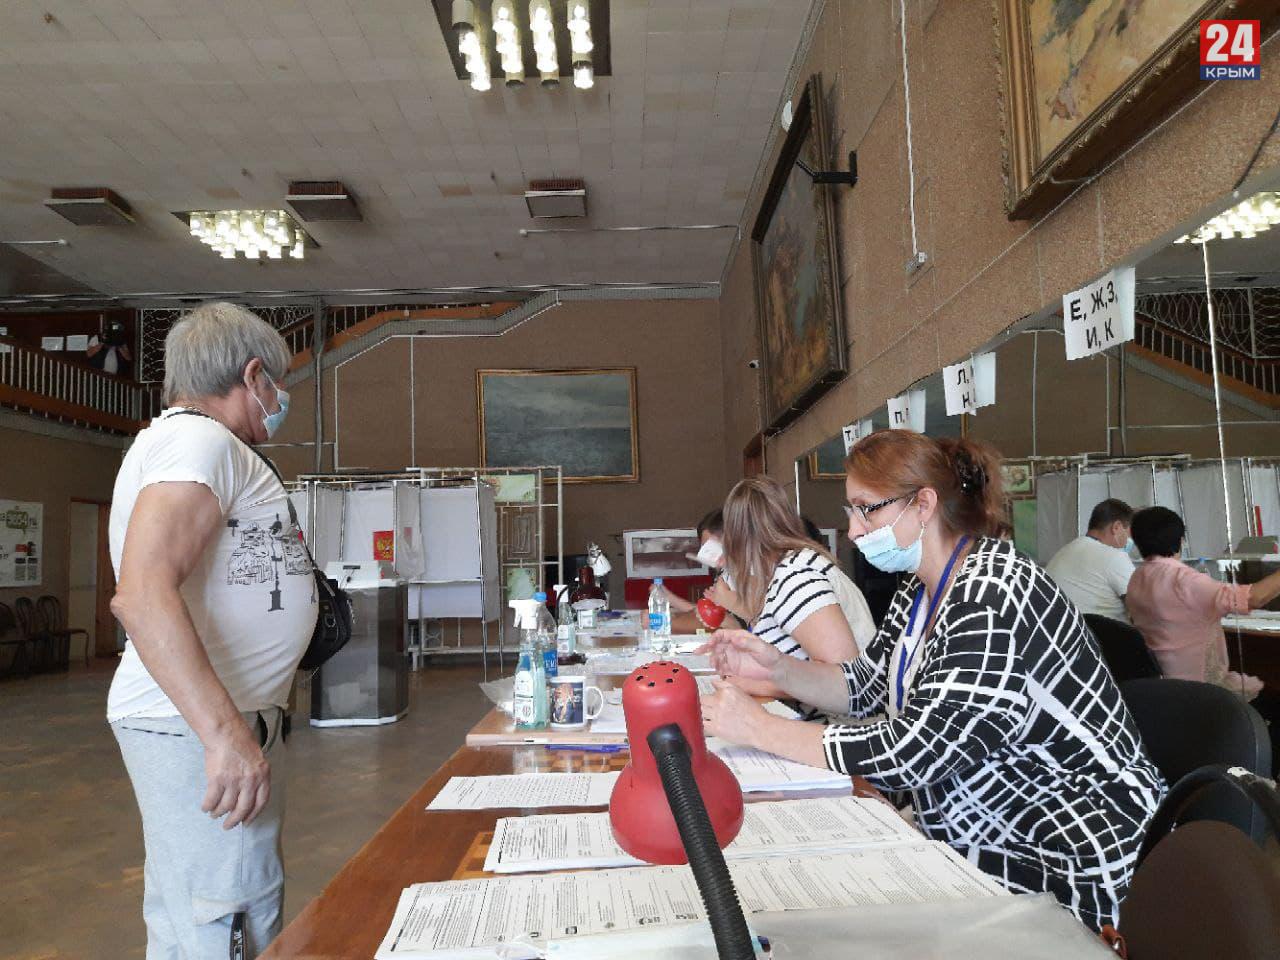 16 тысяч граждан из других субъектов РФ планируют голосовать в Крыму